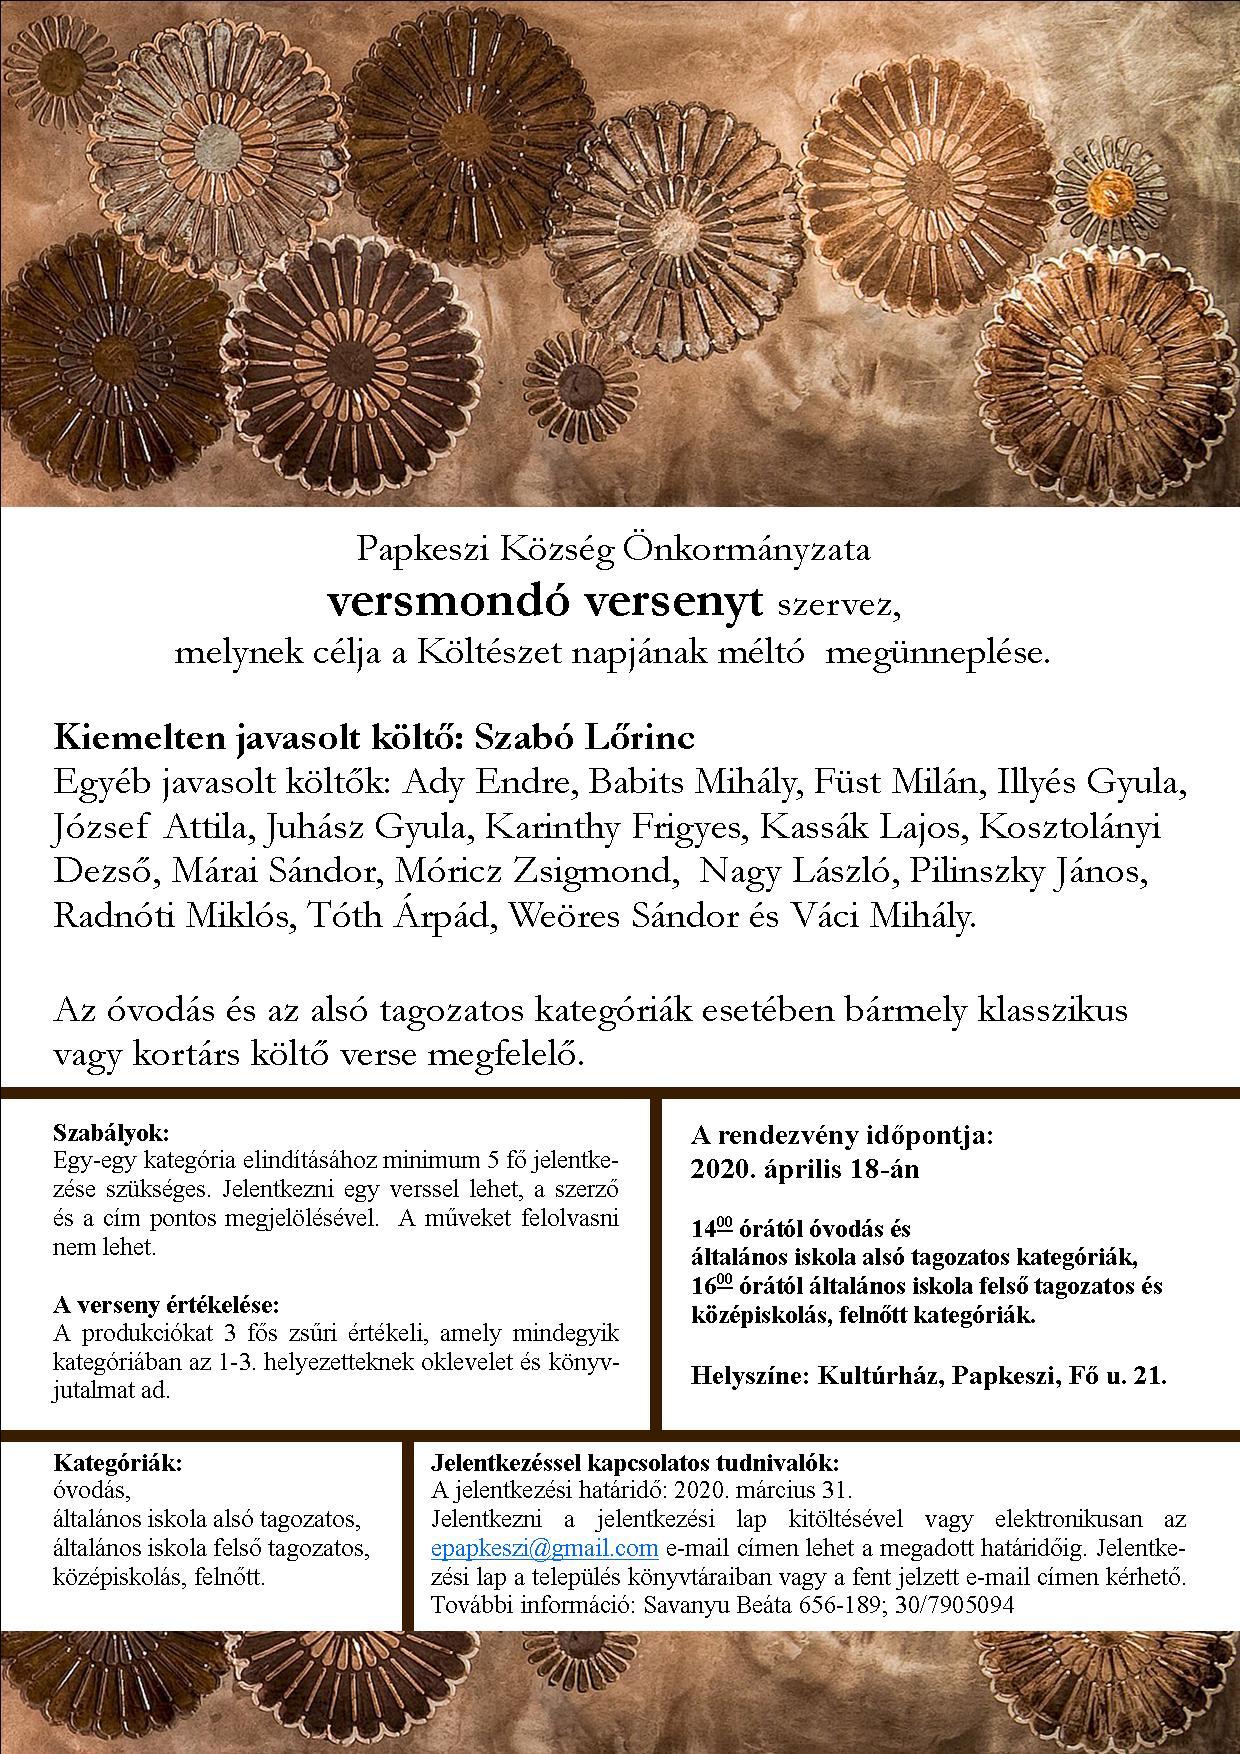 aszcariasis óvodai rendezvényeken)